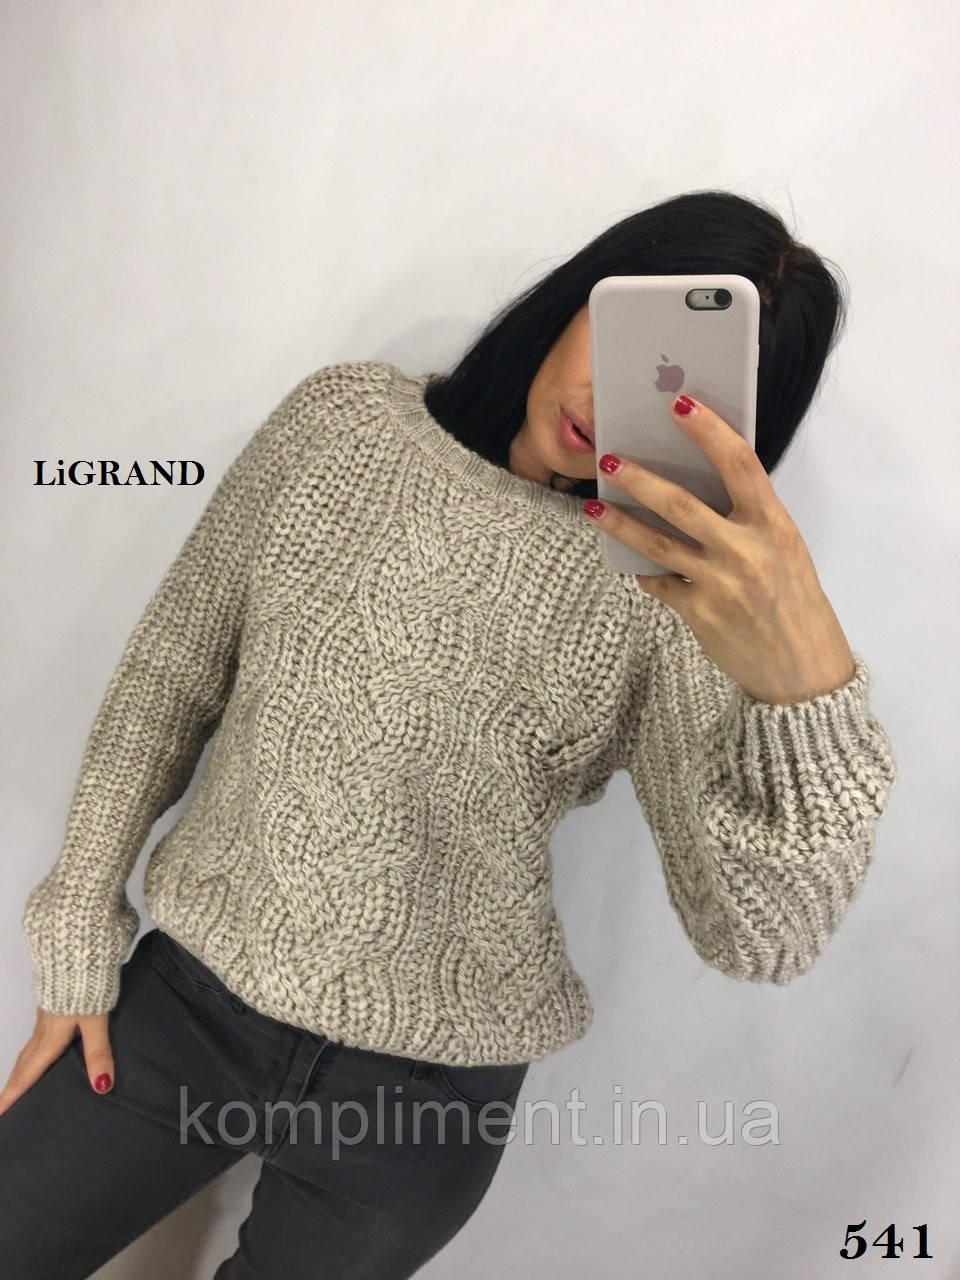 Женский теплый шерстяной свитер,беж.Производство Турция.BG 541